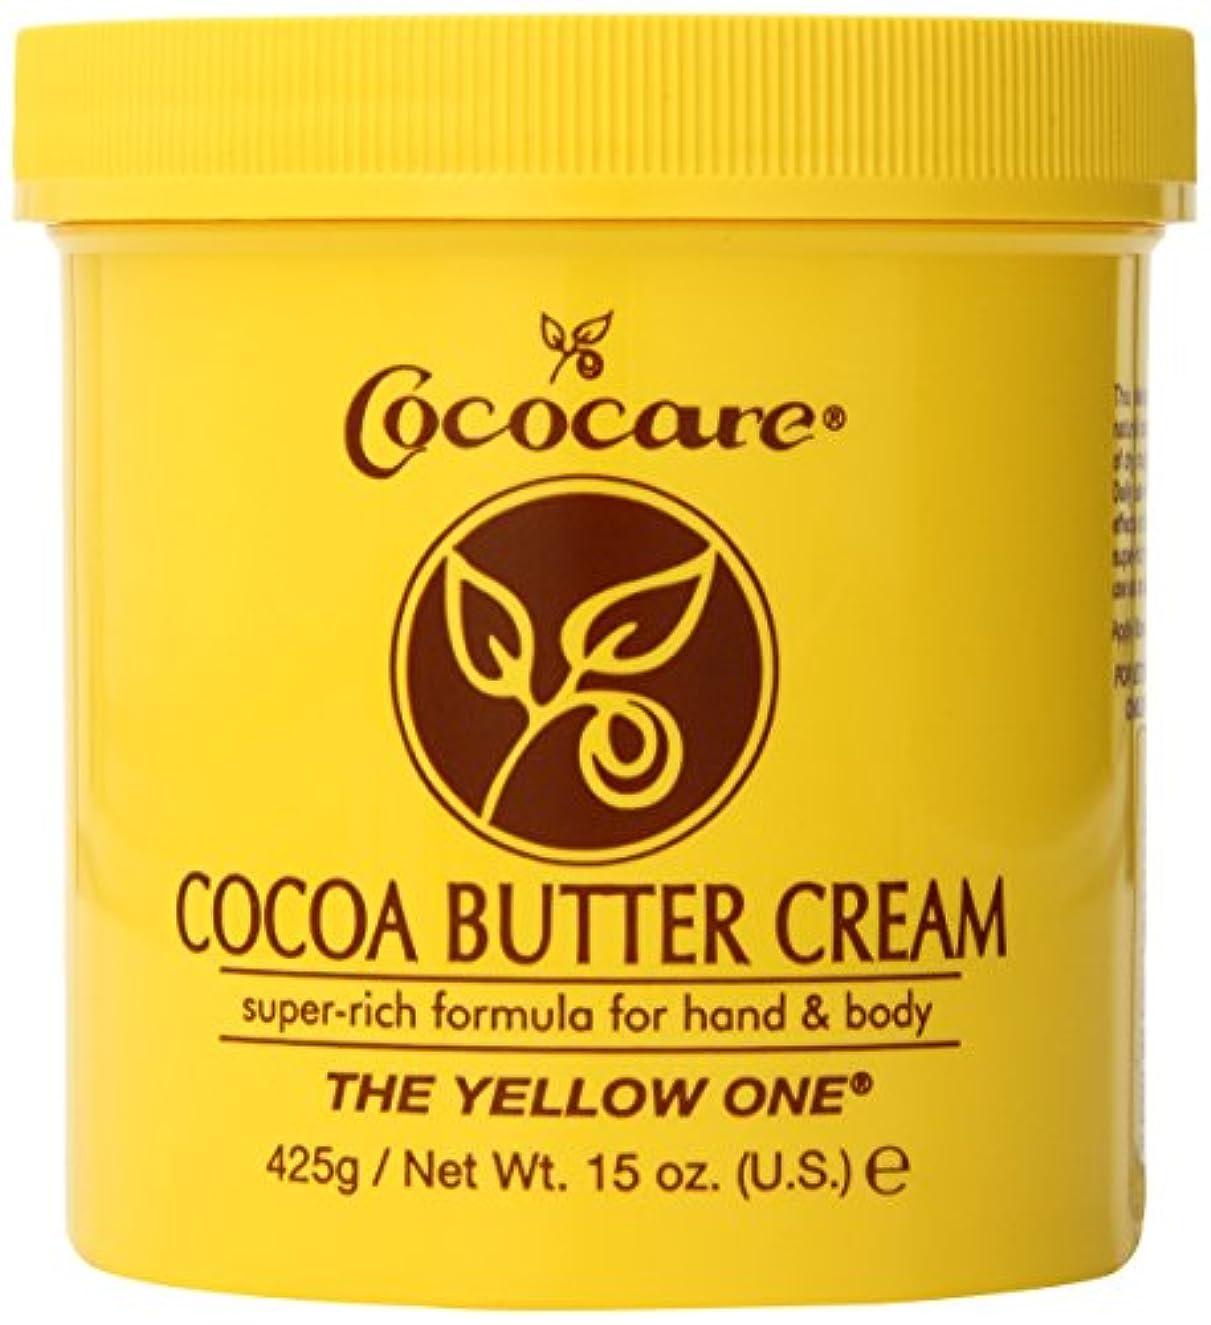 月曜作動するに変わるCococare, The Yellow One, Cocoa Butter Cream, 15 oz (425 g)